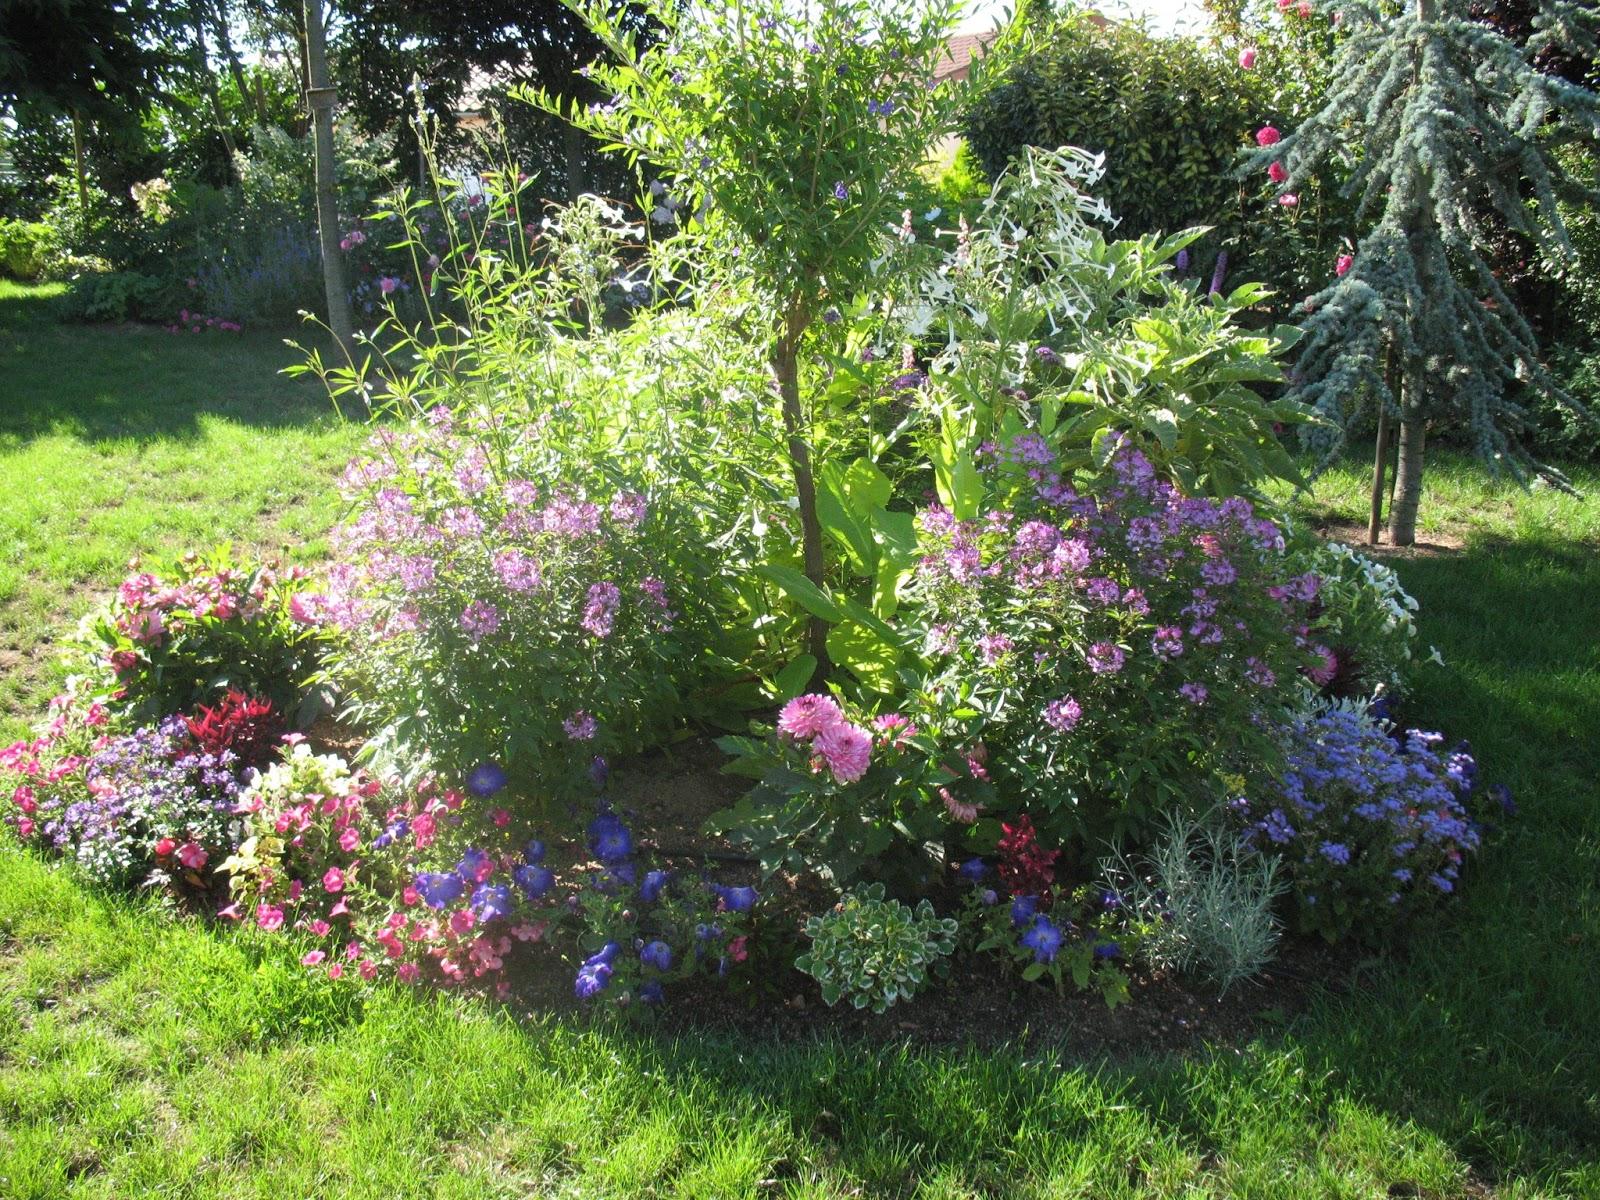 Idee Petit Jardin Fleuri | Comment Amenager Son Petit Jardin Eaupinion